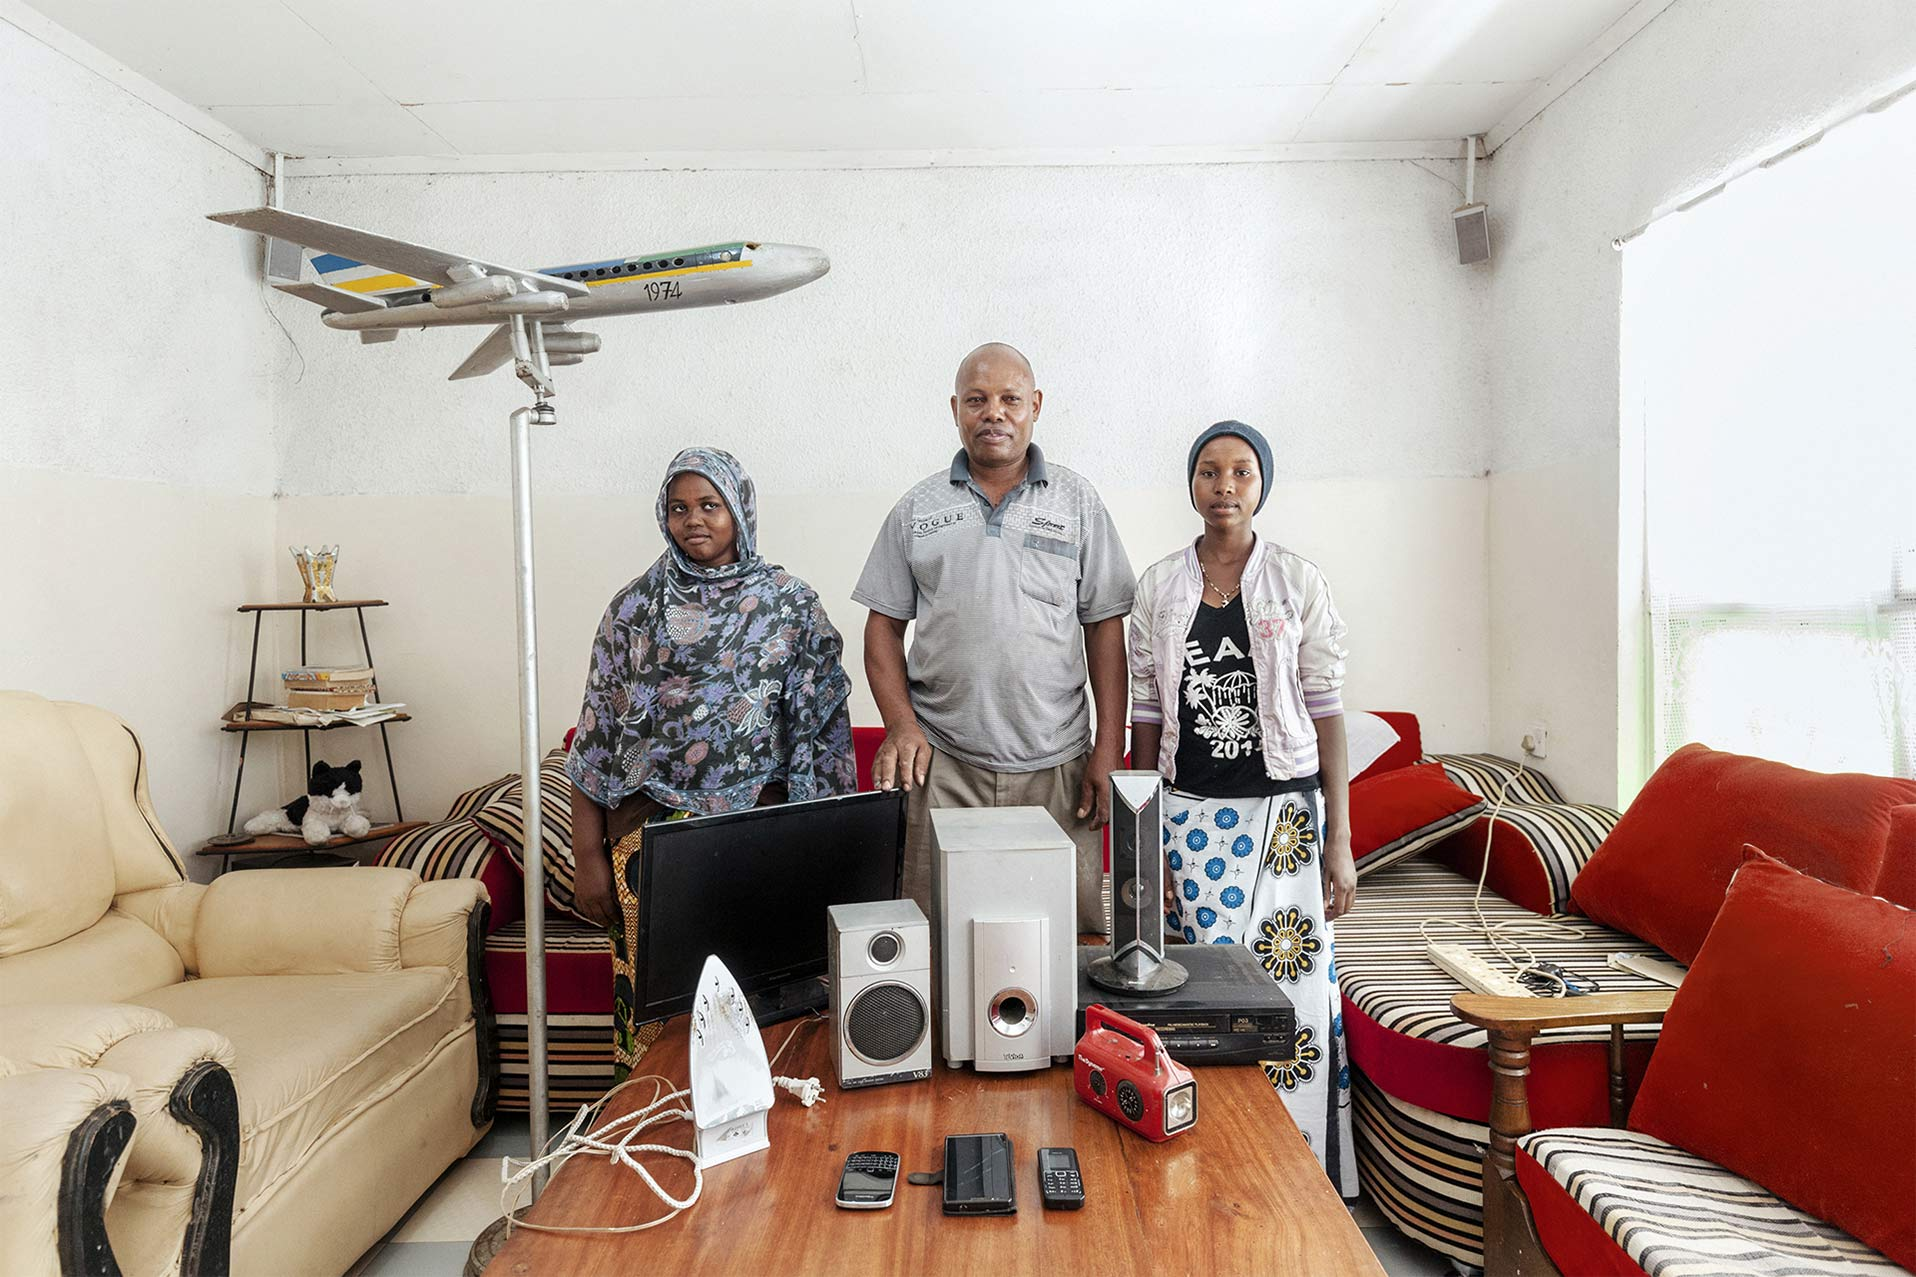 Elettrodomestici di una famiglia africana. Energy portraits - Reportage del fotografo Marco Garofalo